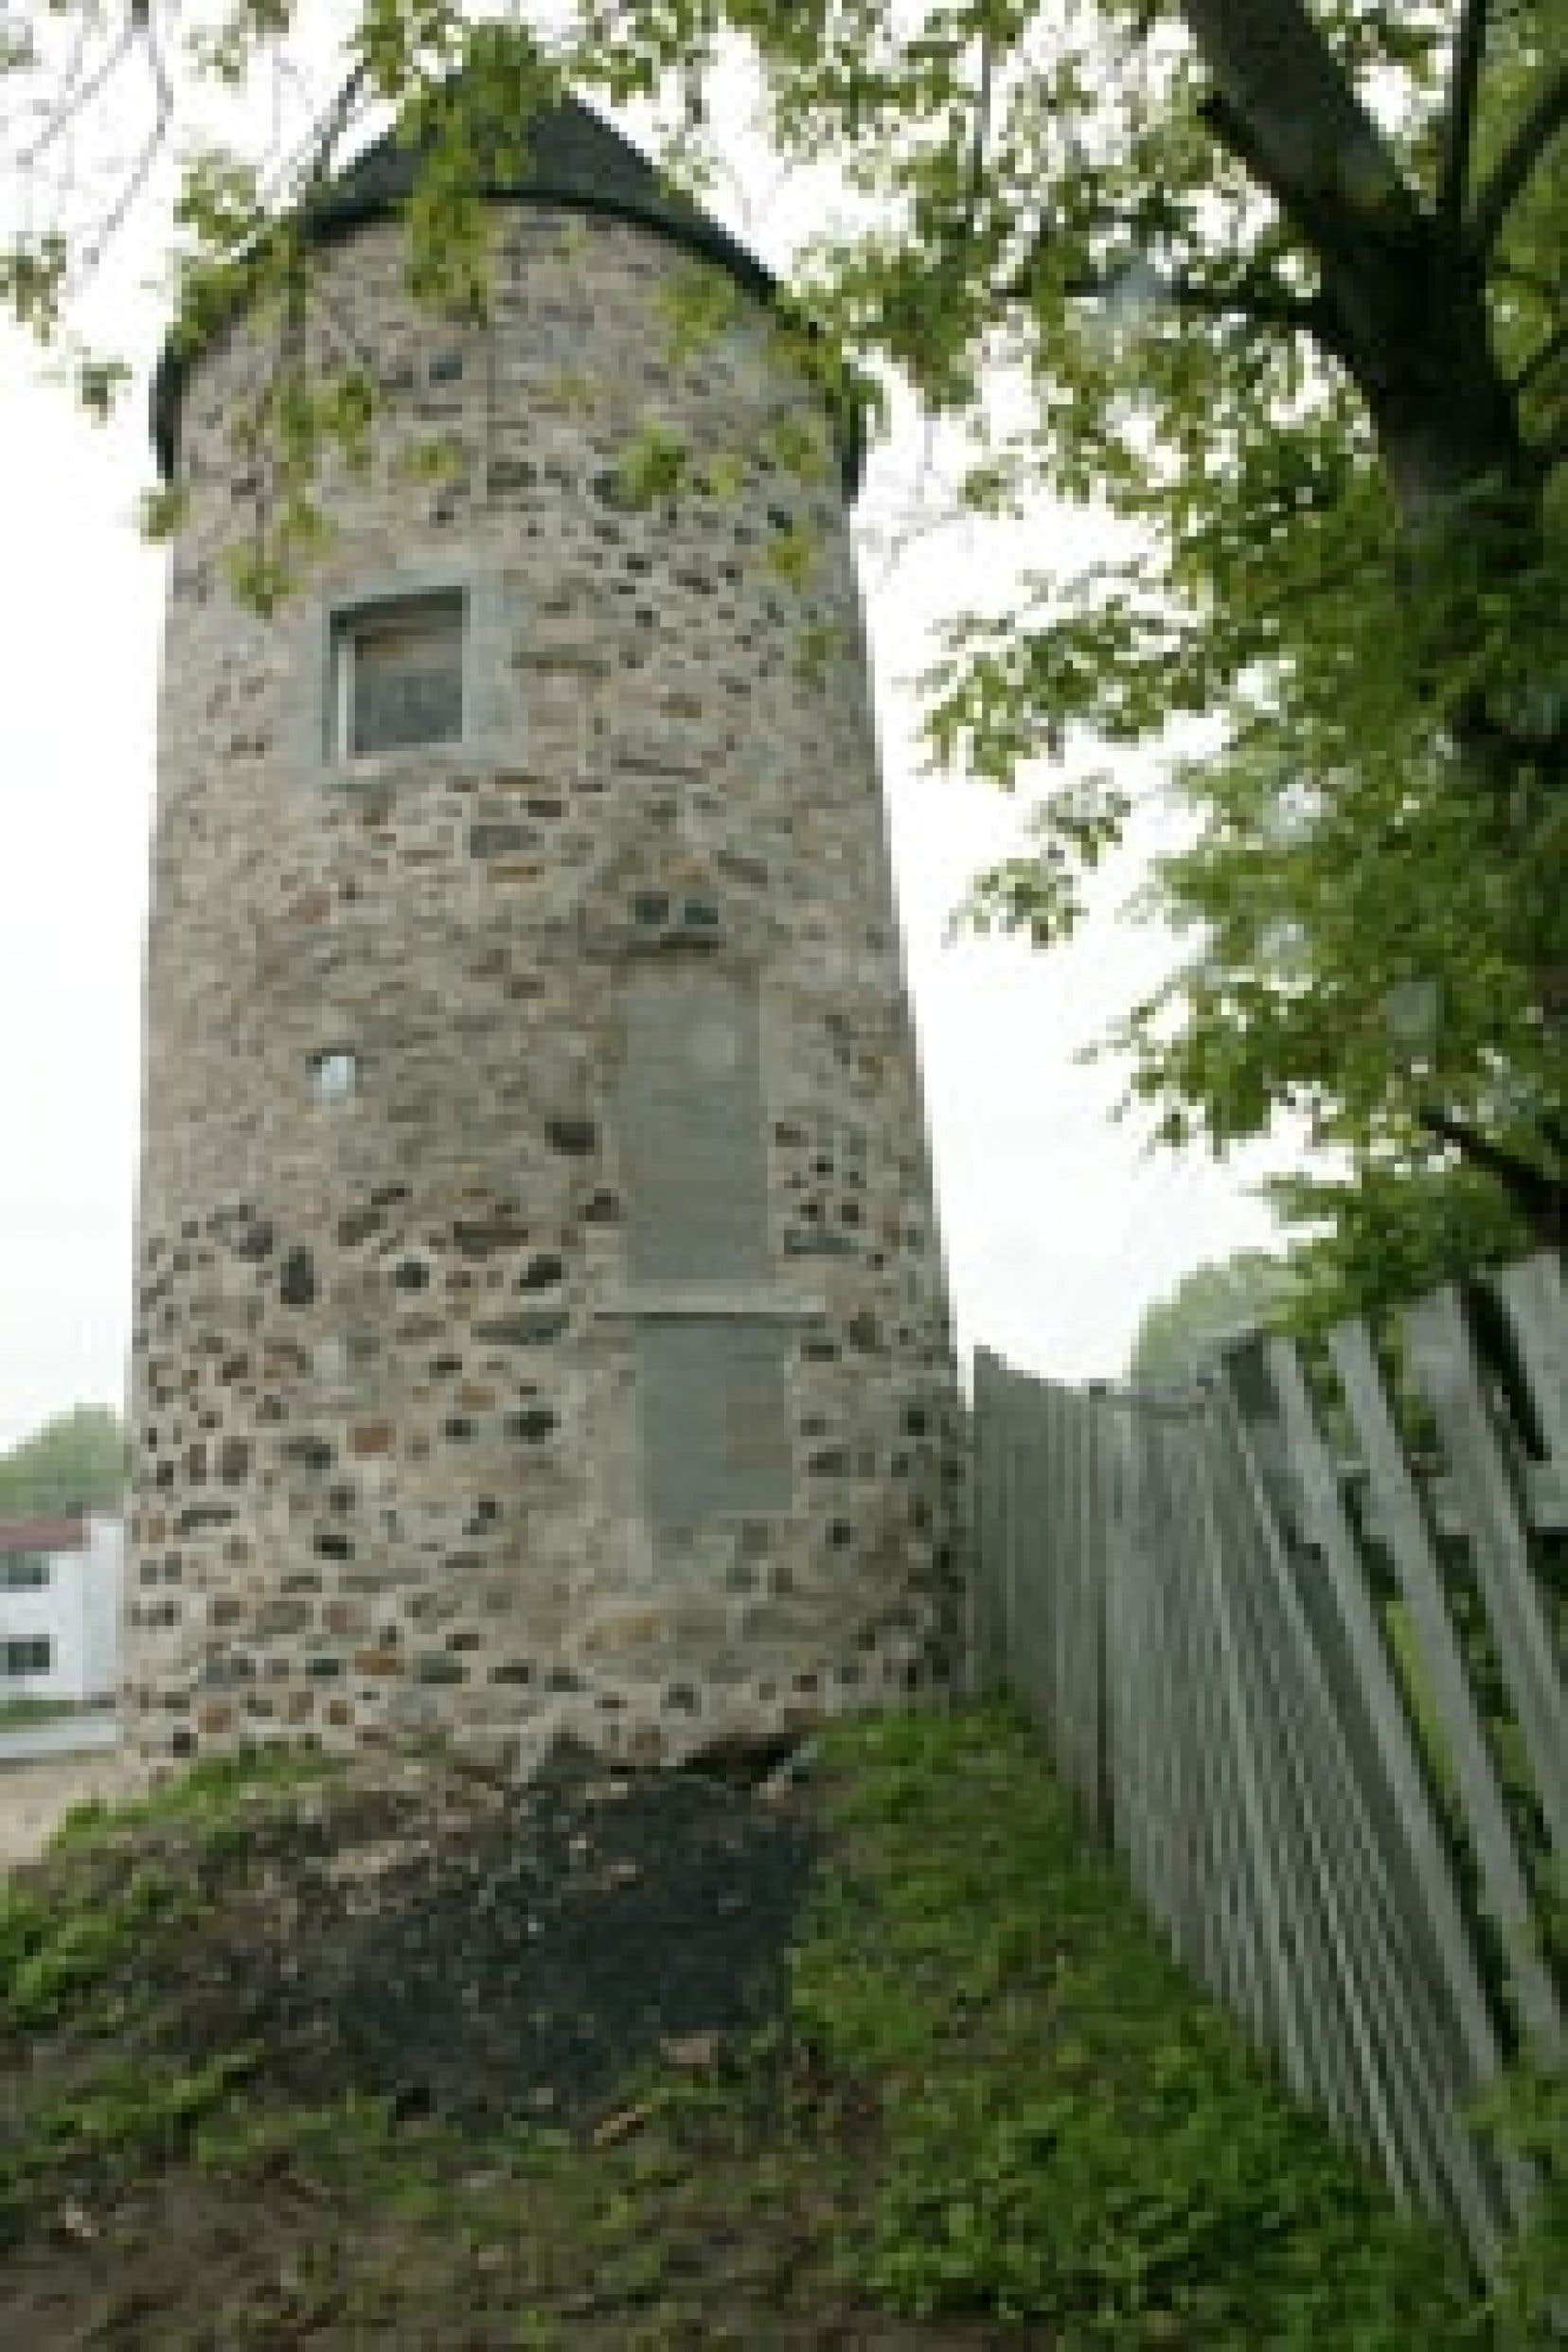 Ce sont les Sulpiciens, seigneurs de l'île de Montréal, qui ont fait ériger le moulin par le maçon Jean-Baptiste Larose, en 1719, sur la terre d'André Poudret dit Lavigne.